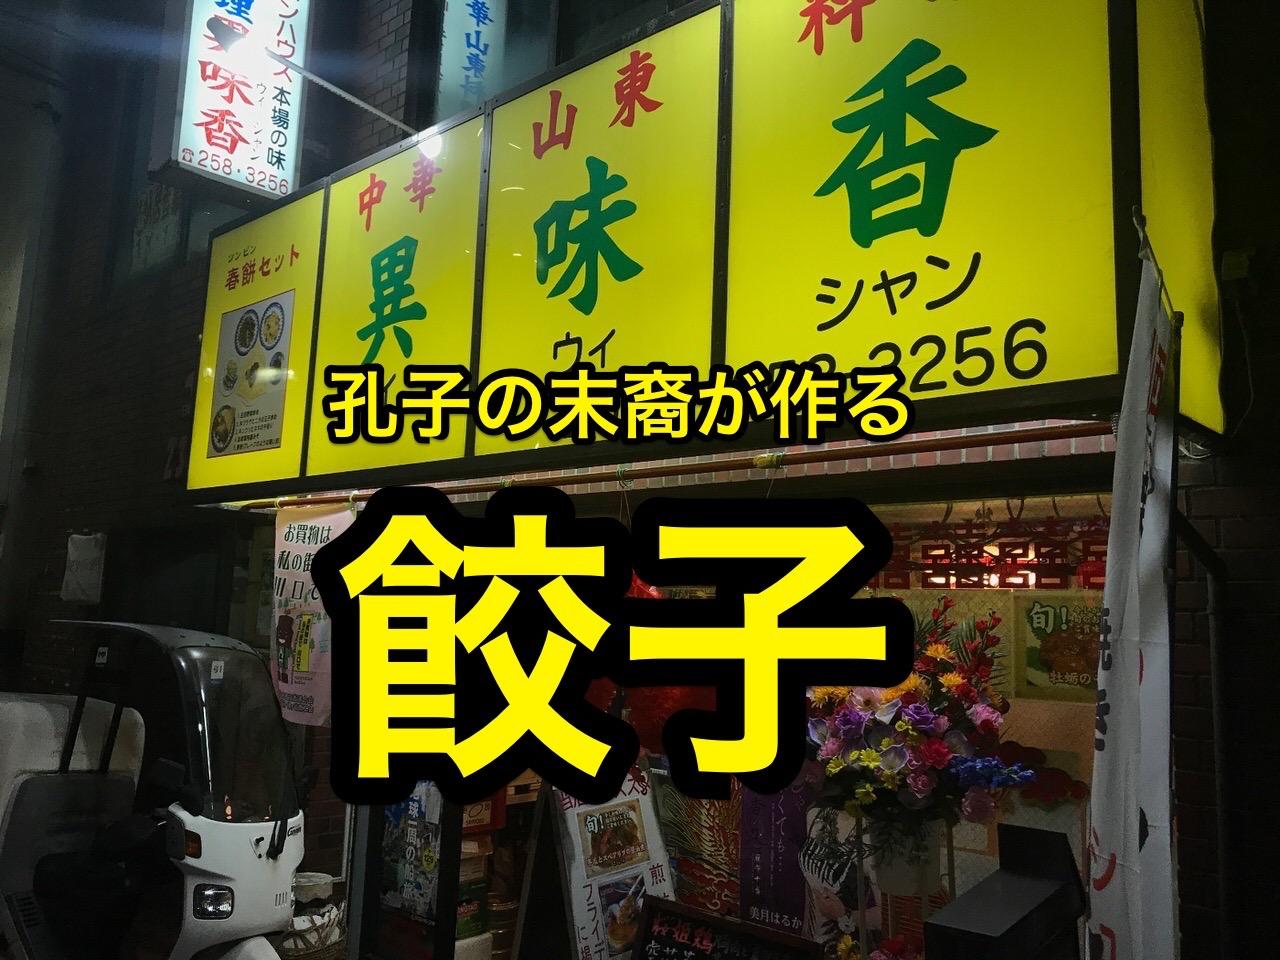 西川口「異味香(イウィシャン)」孔子の末裔が作る餃子を食べた